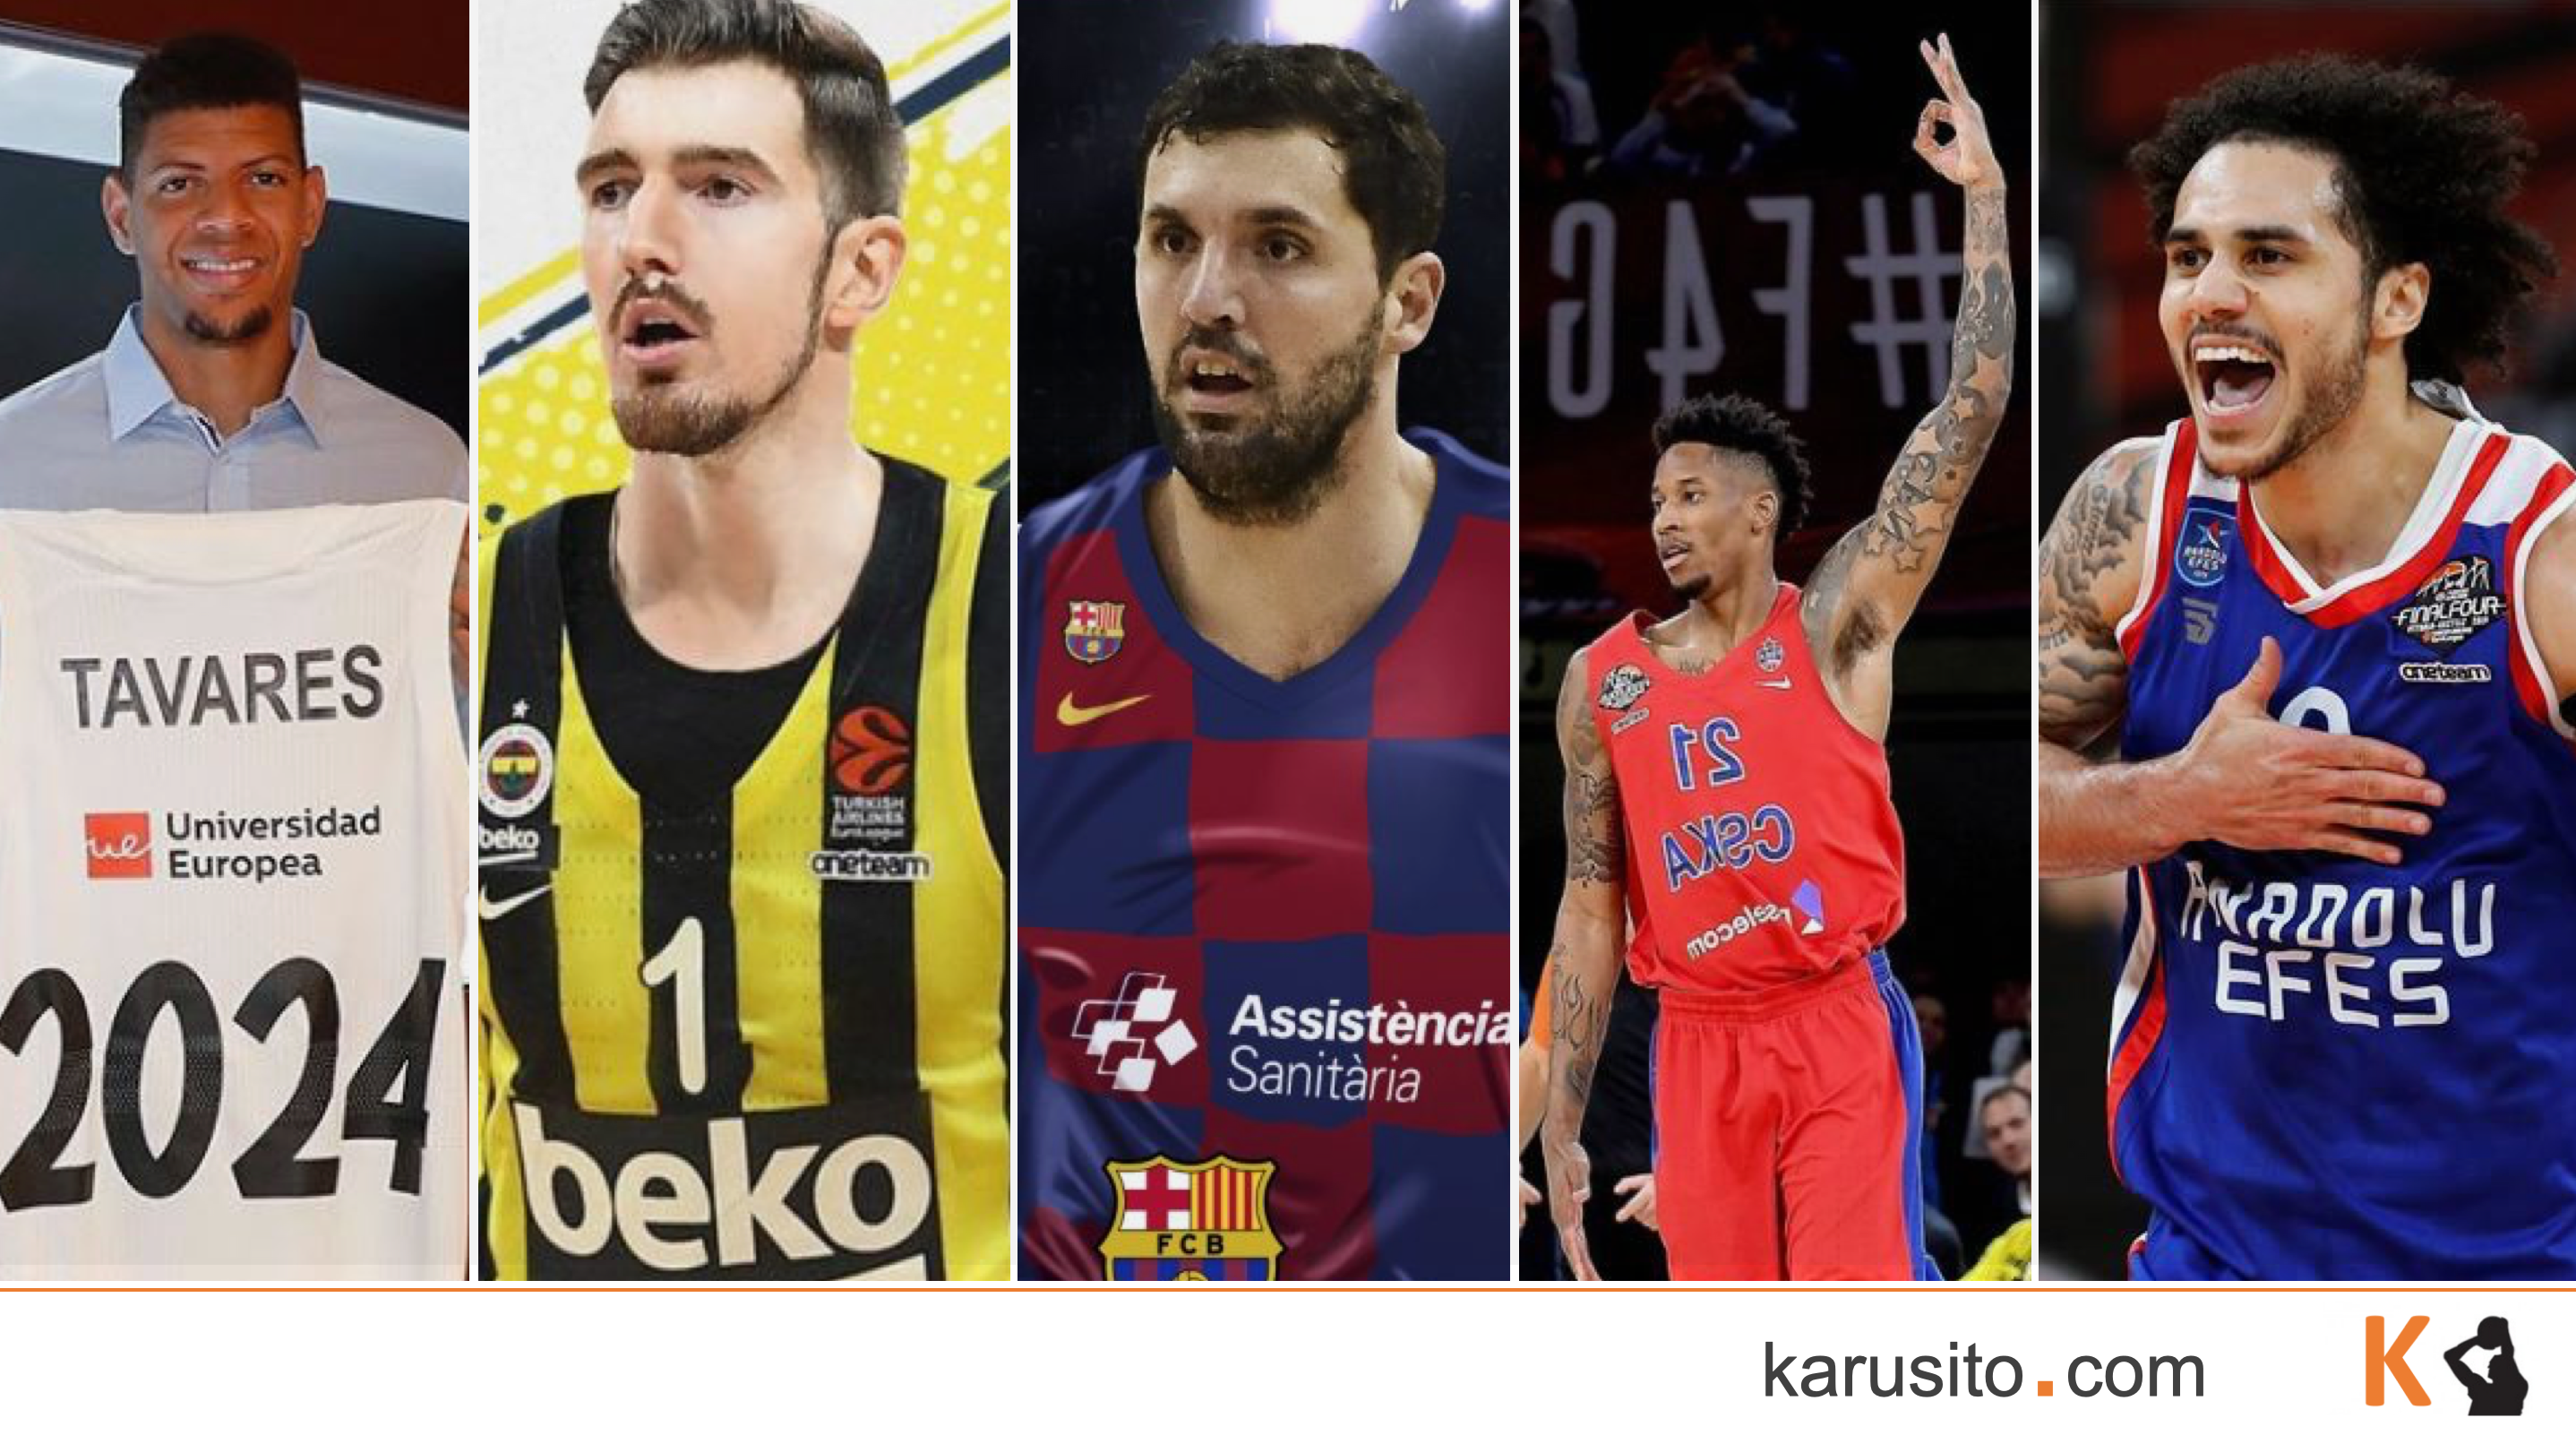 Mirotic (Barcelona), tavares (Madrid), De Colo (Fenerbahce), Clyburn (CSKA) y larkin (Efes)